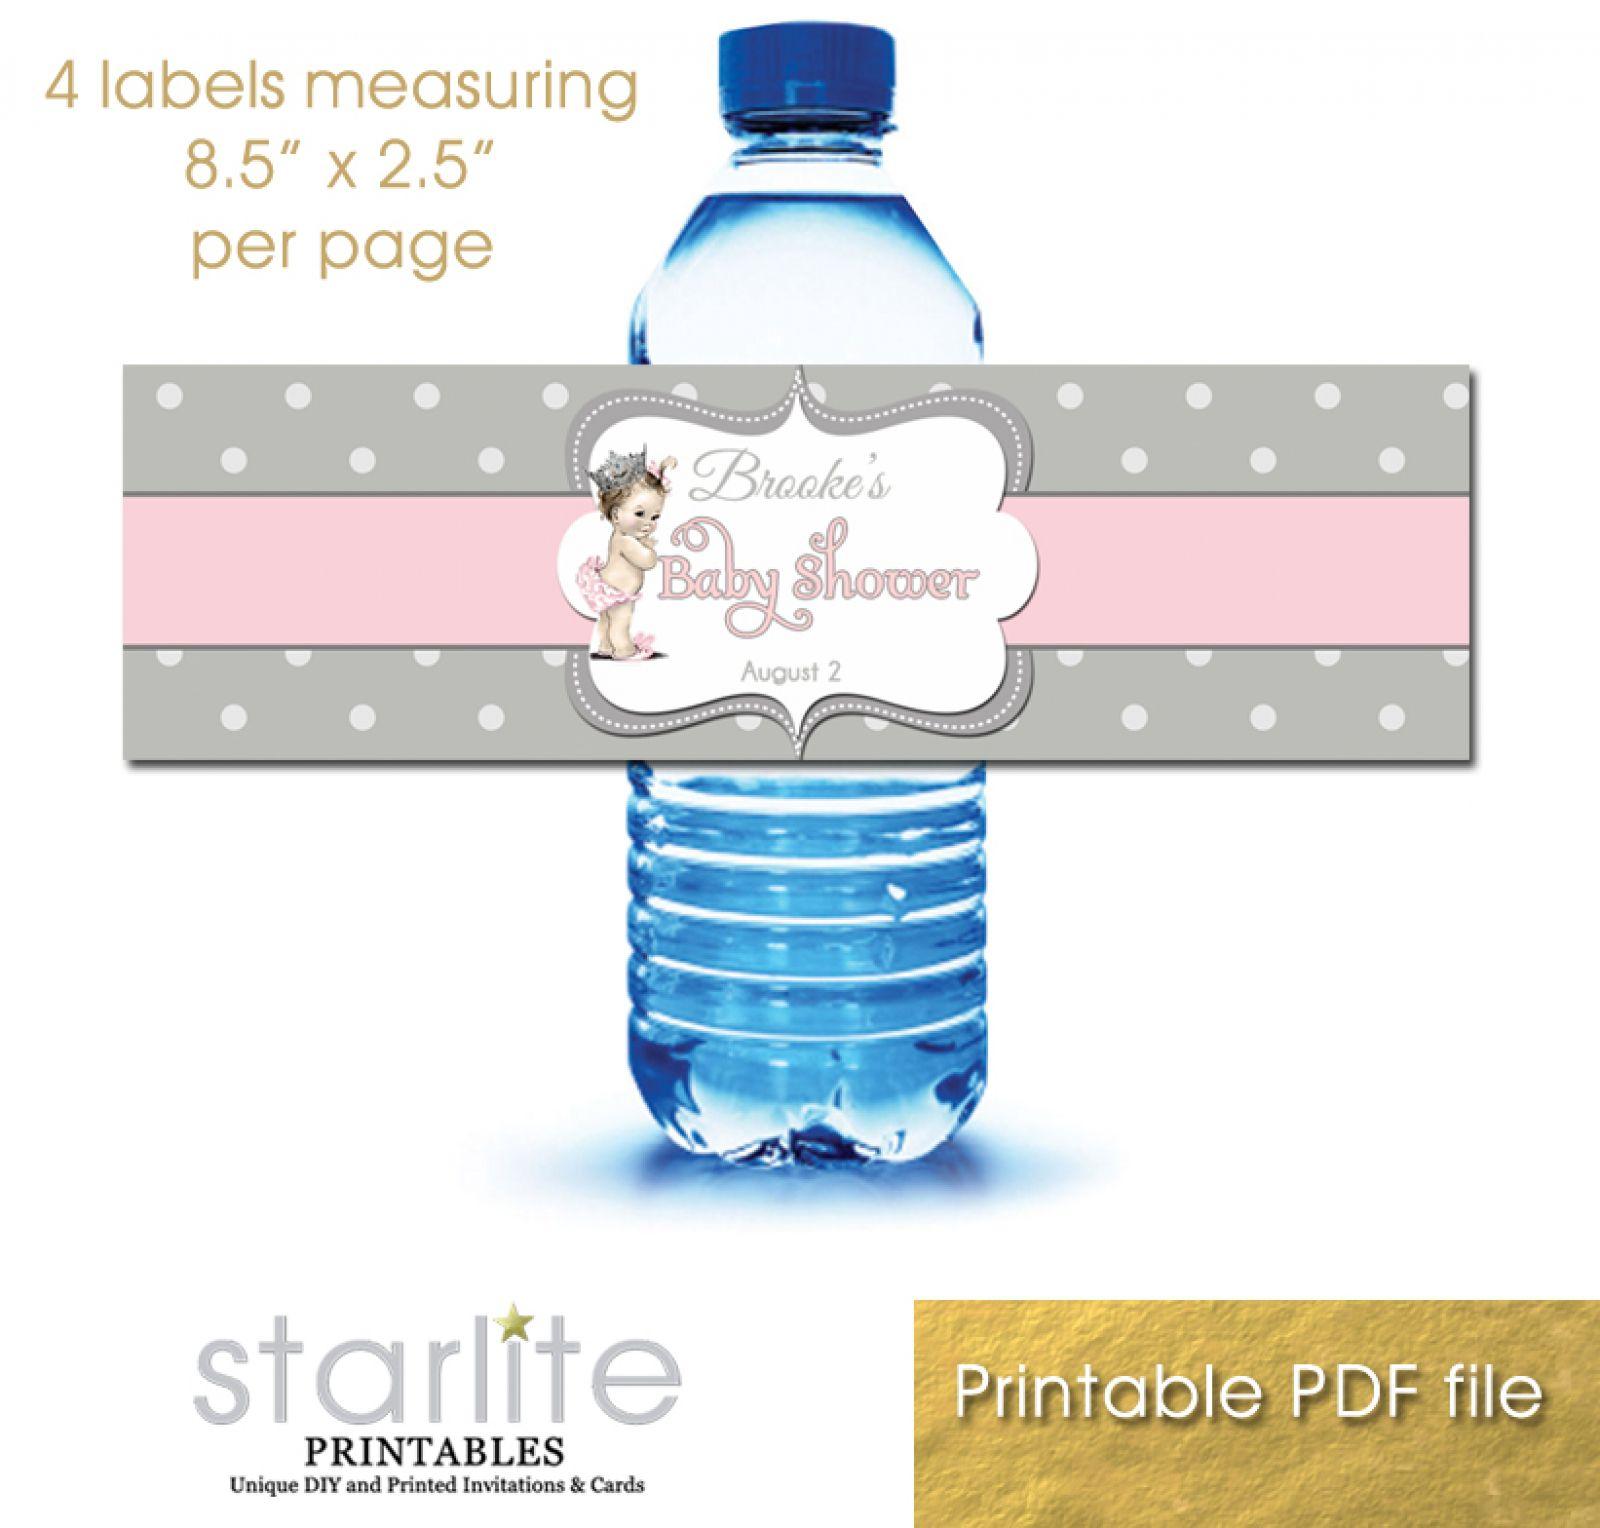 009 Striking Diy Water Bottle Label Template Free Image Full